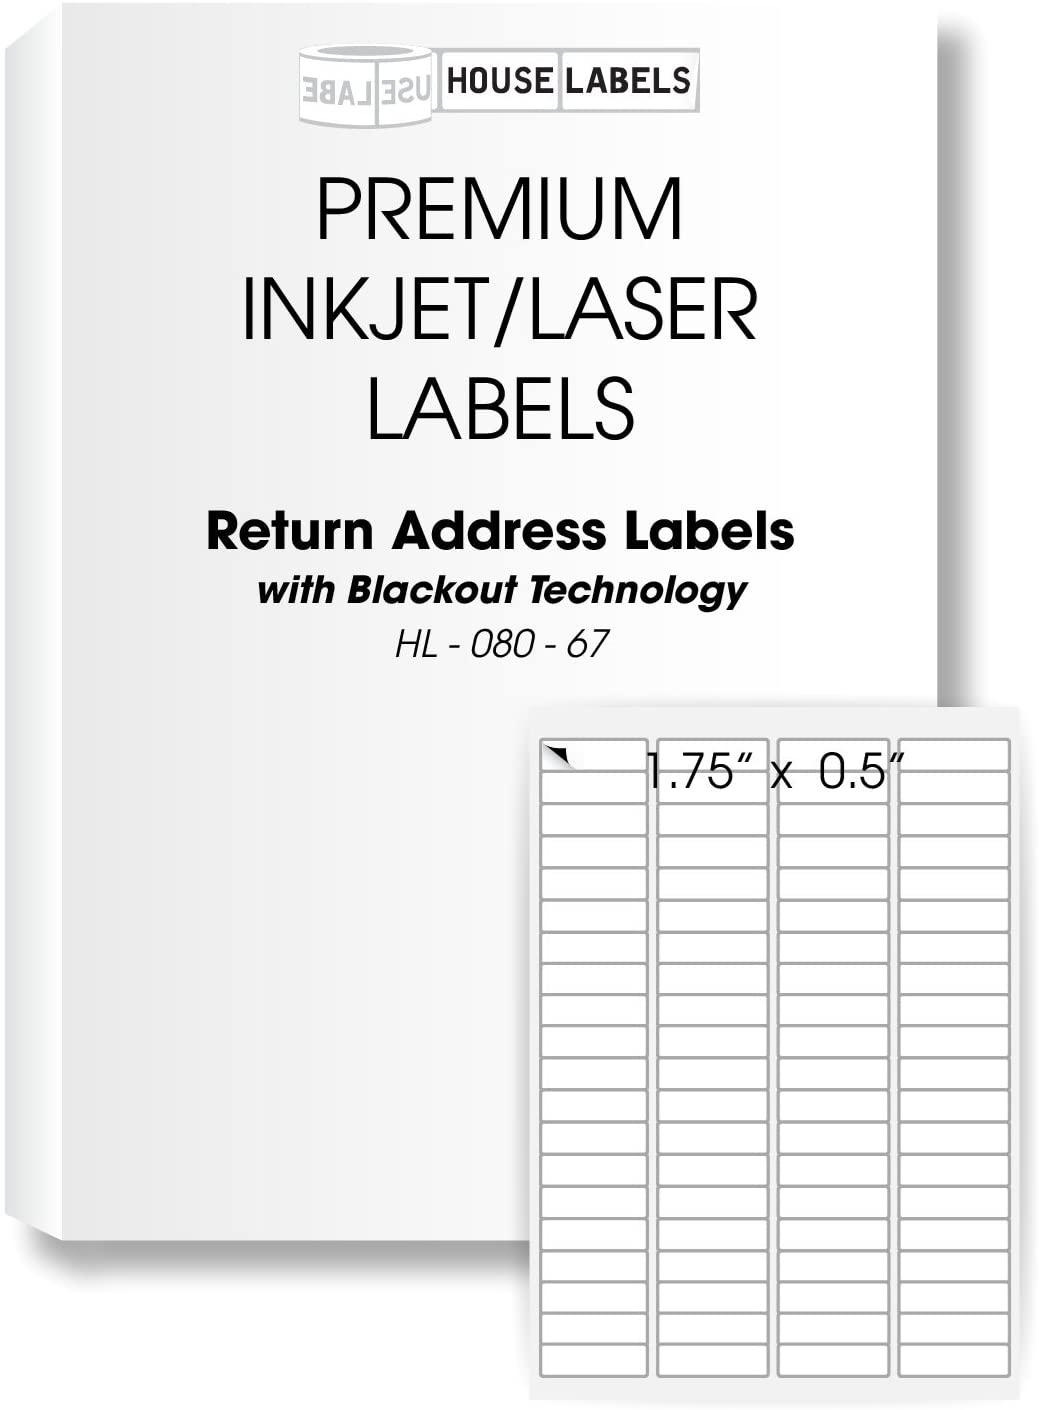 800 Sheets; 64,000 Labels Blackout Technology, 80-UP, Address Return Labels (1/2